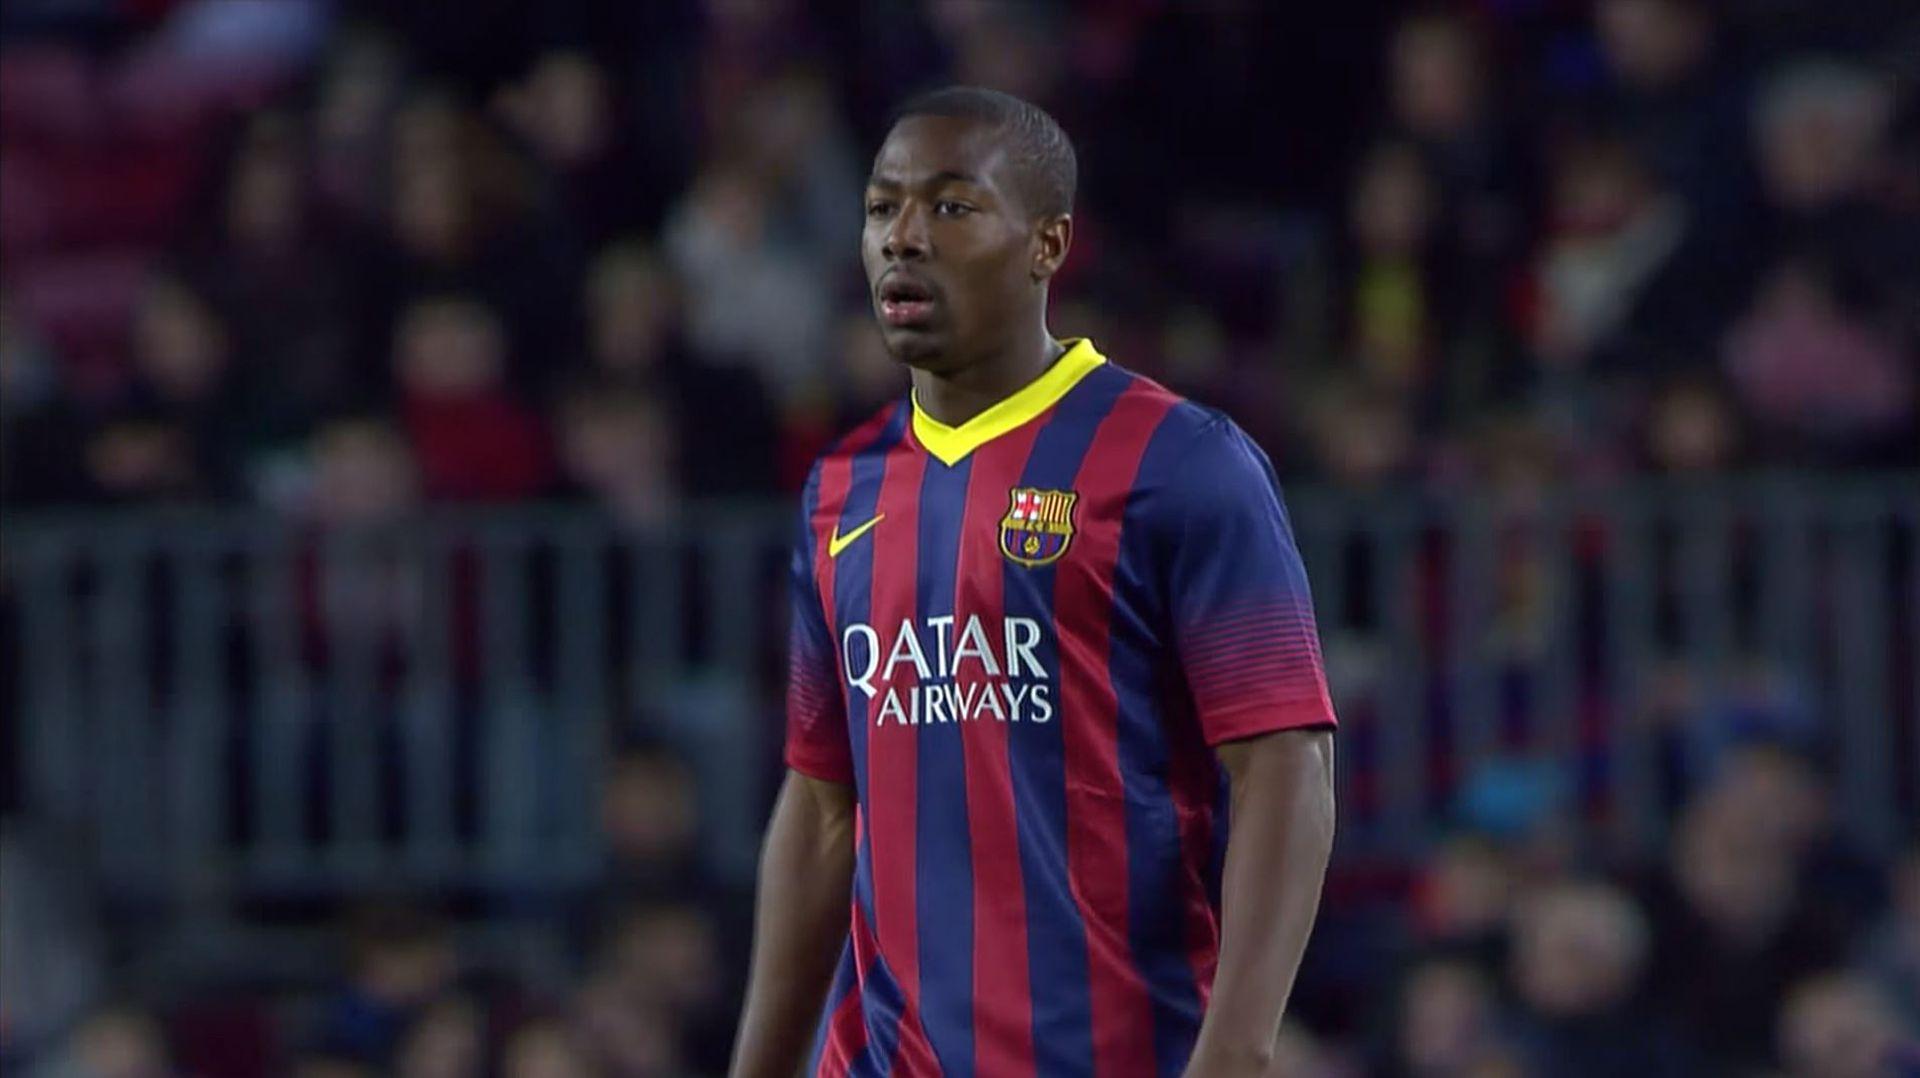 Así lucía Adama Traoré en el Barcelona